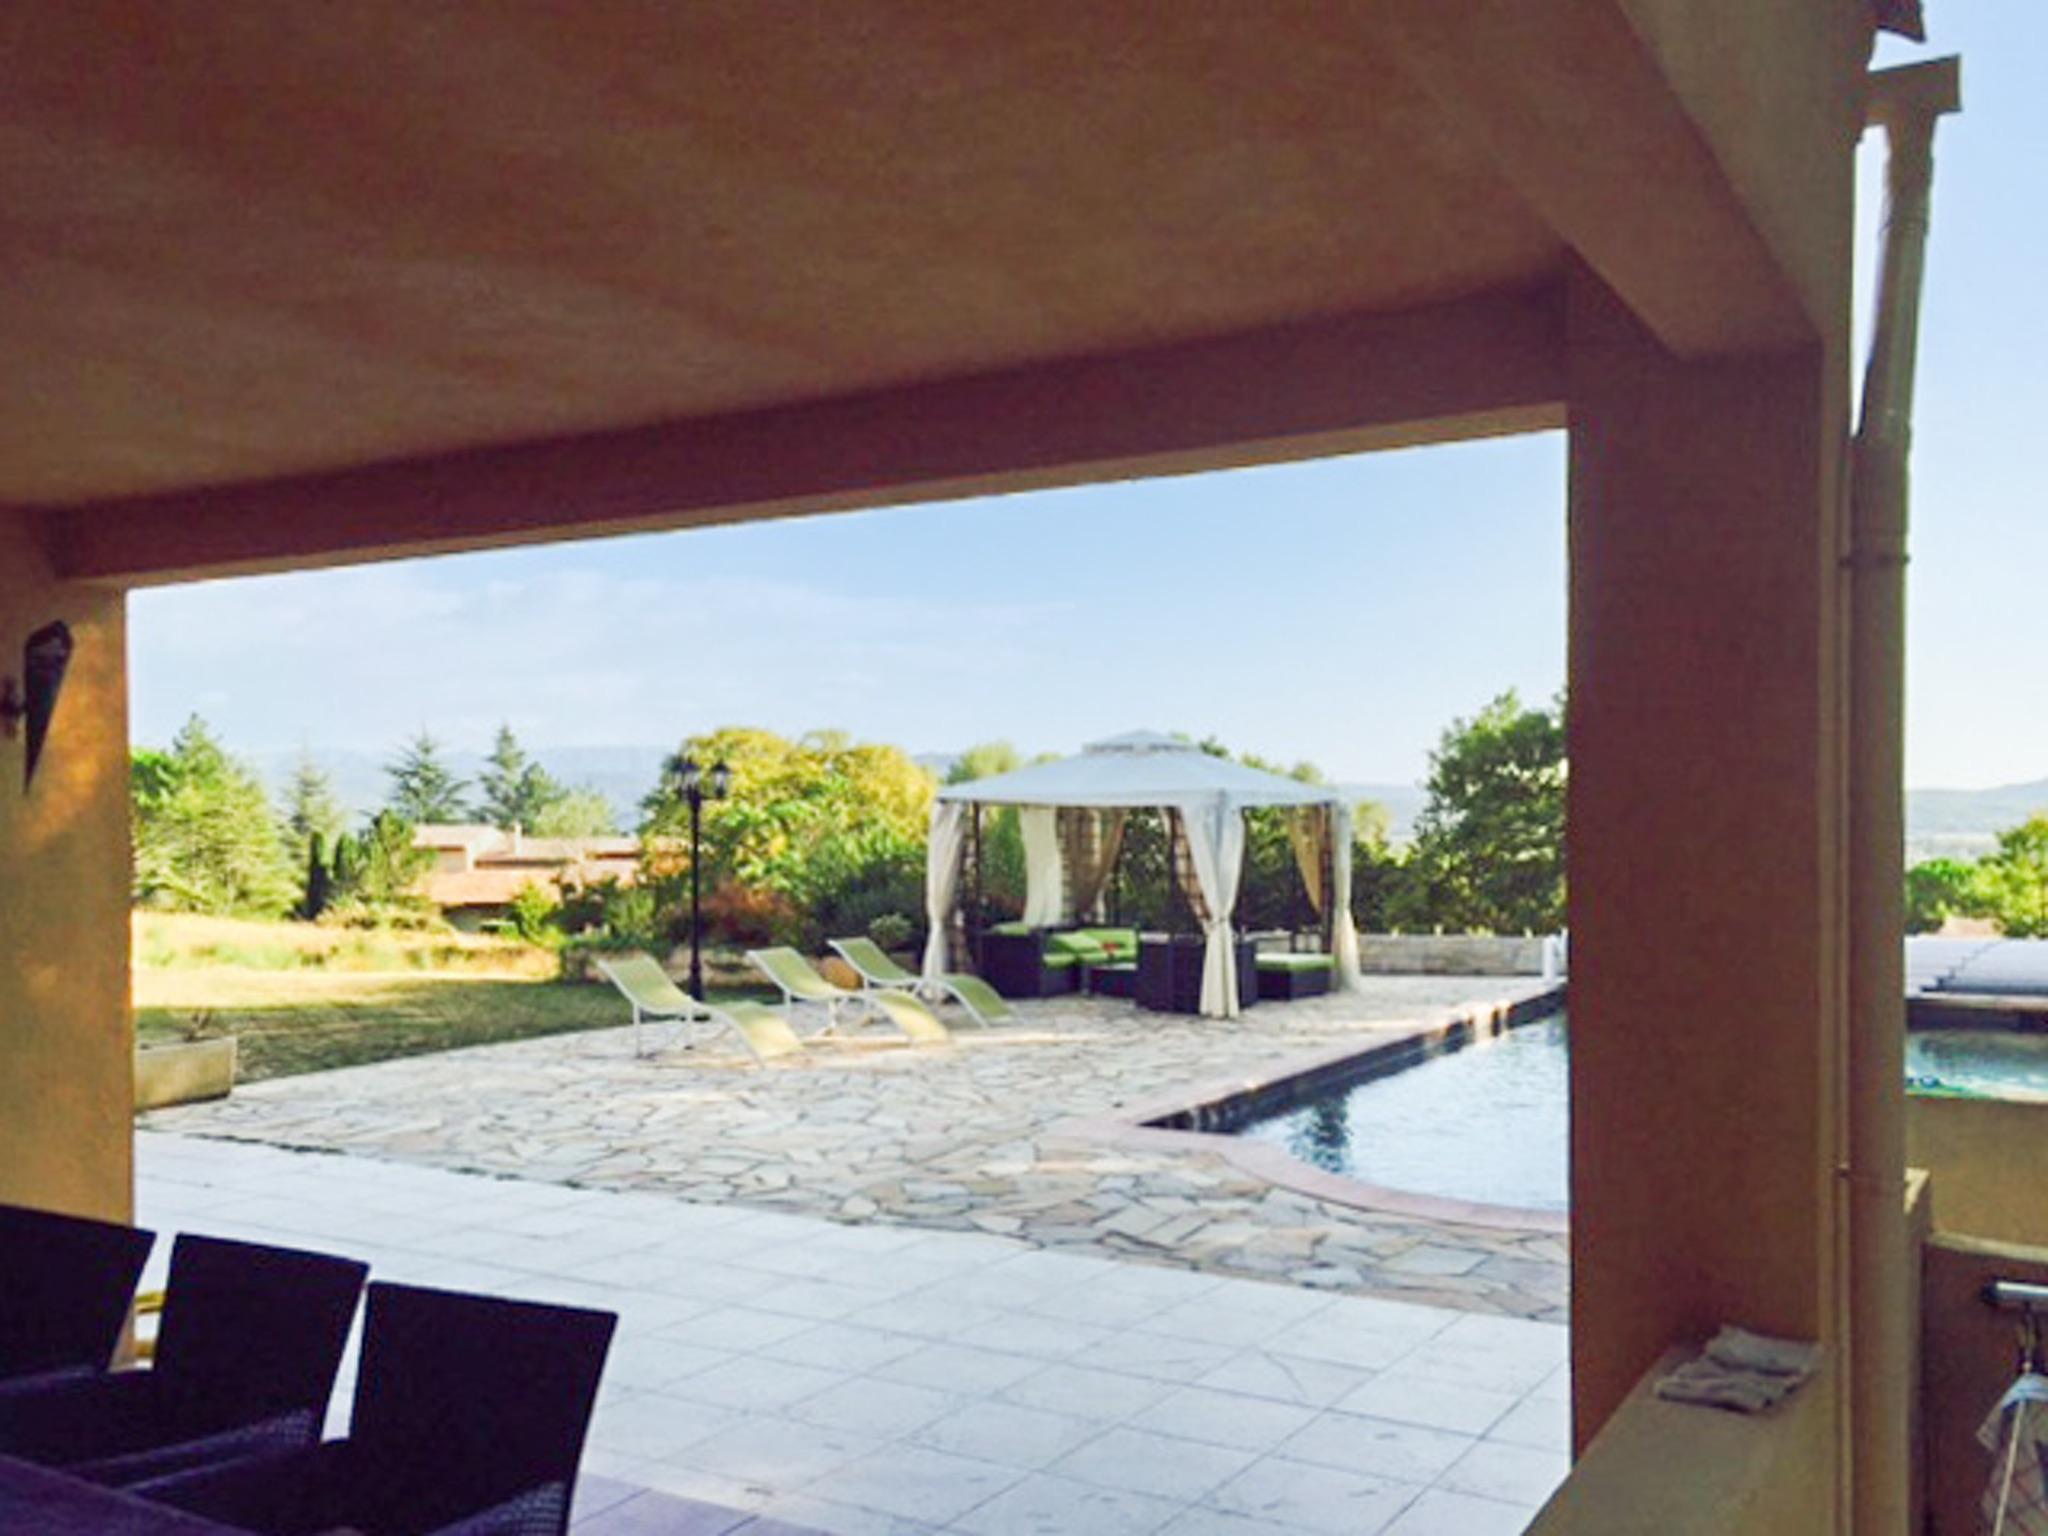 Ferienhaus Haus mit drei Schlafzimmern, Pool, Garten und Terrasse in der Luberon (2201928), Pertuis, Vaucluse, Provence - Alpen - Côte d'Azur, Frankreich, Bild 2